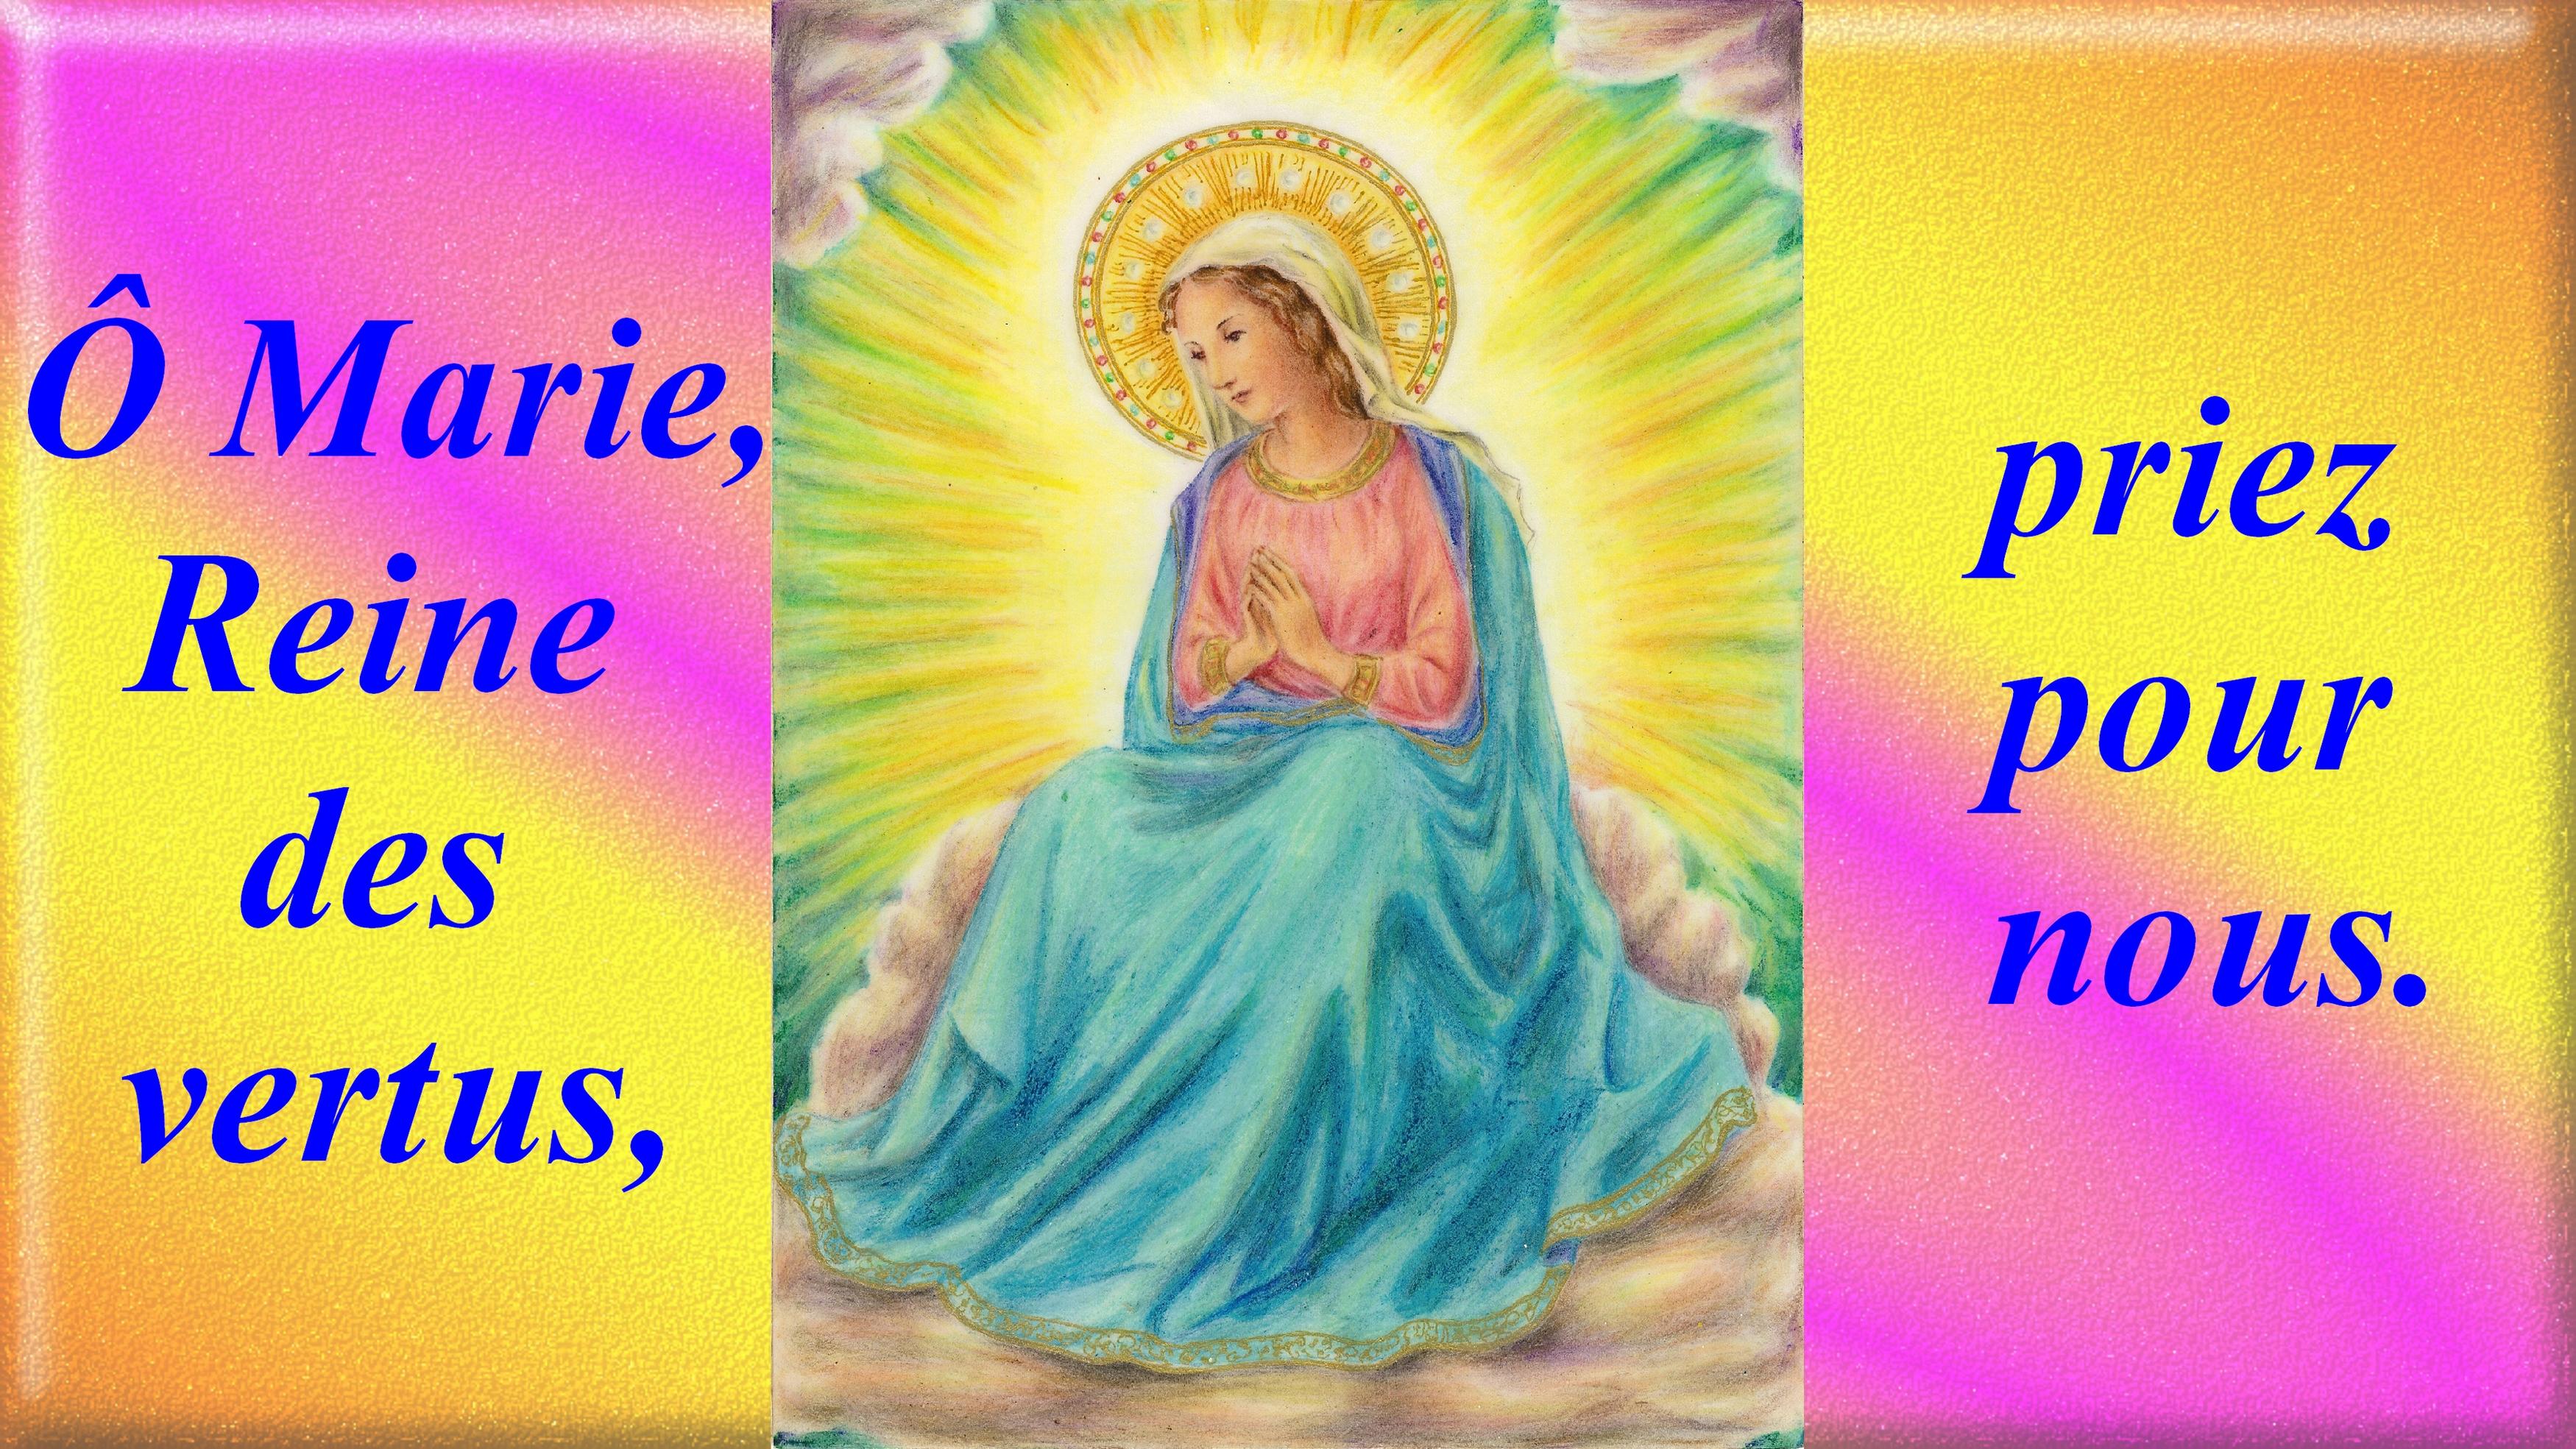 Le Rosaire en Images - Page 3 Marie-reine-des-vertus-561ddd7